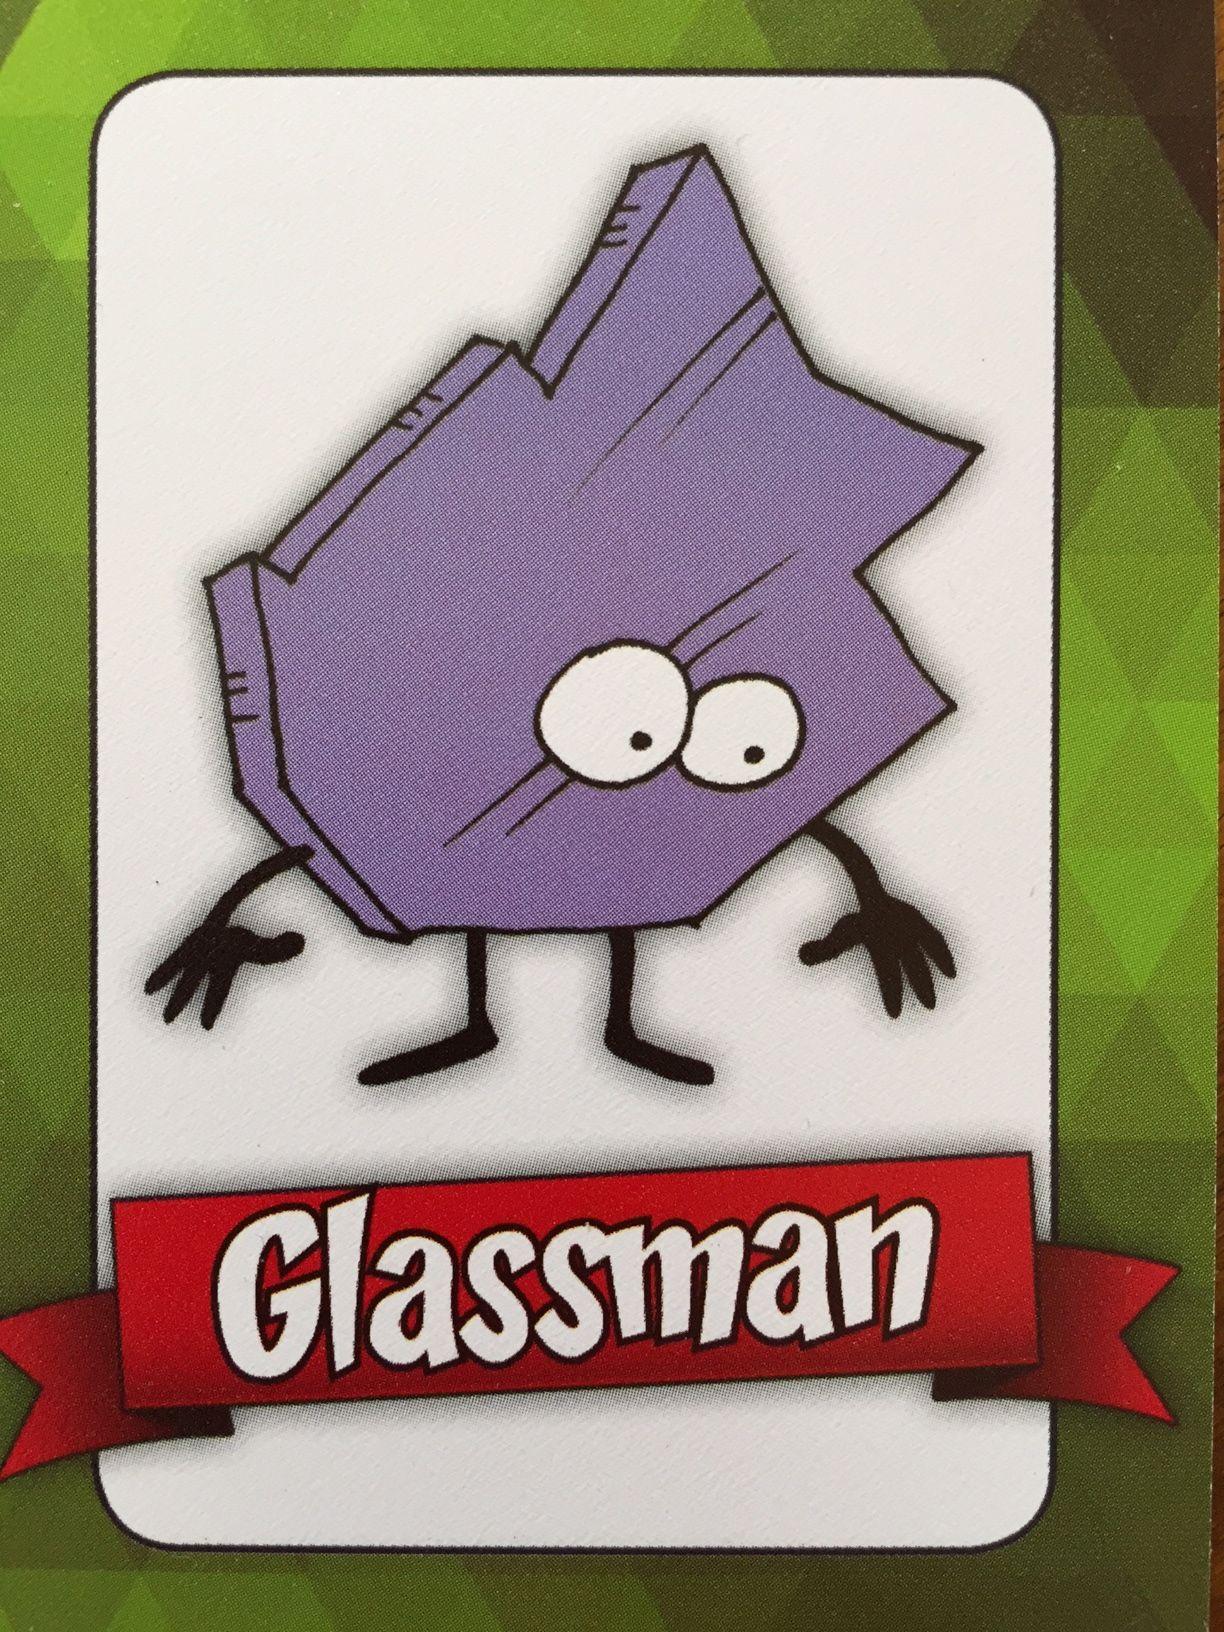 Glassman I Make People Have Huge Upset Reactions